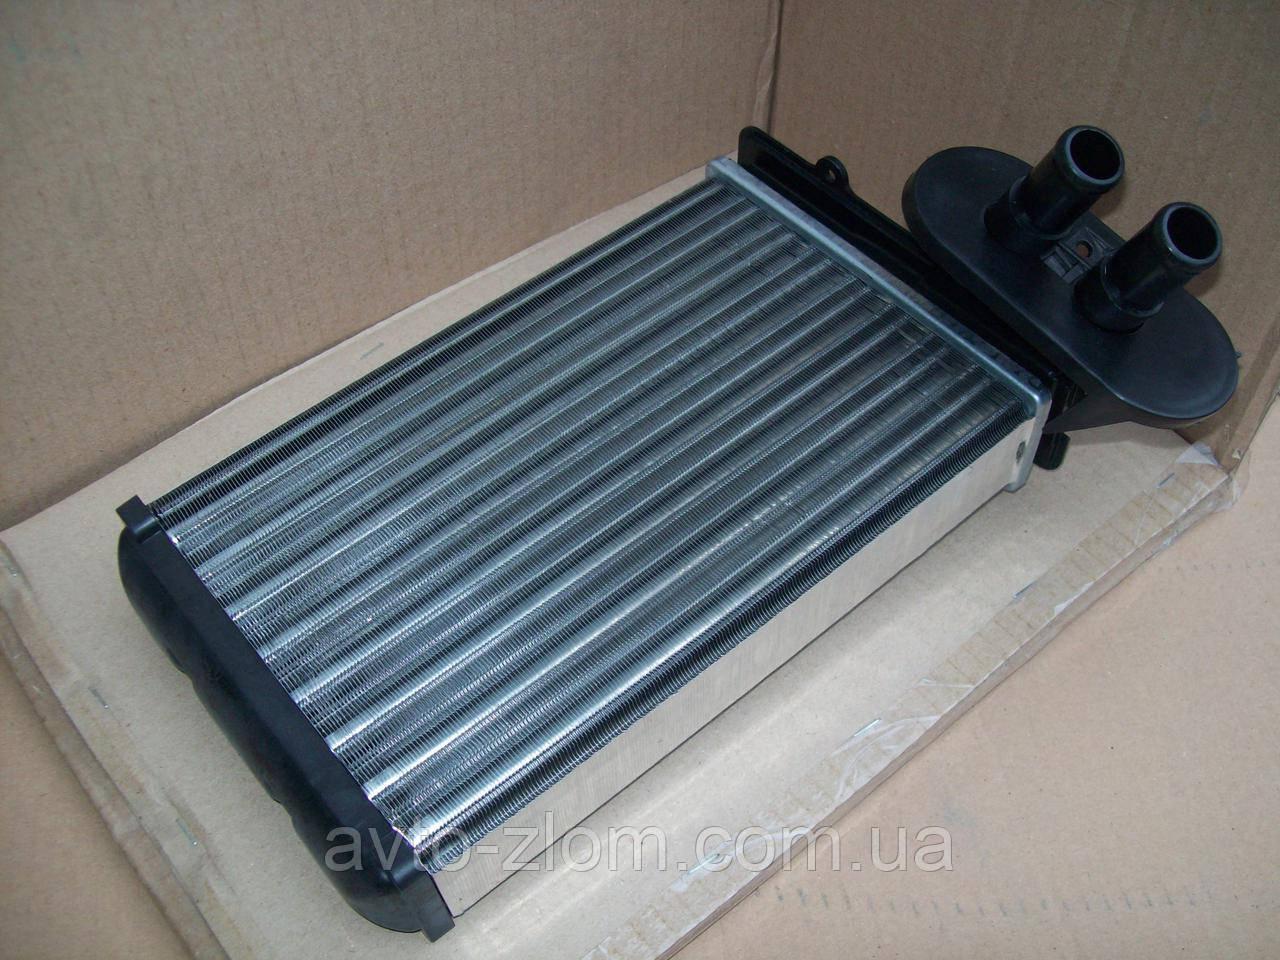 Радиатор печки (отопителя) Volkswagen Passat 3-4, Golf 2-3, Vento, Пасат, Гольф, Венто.